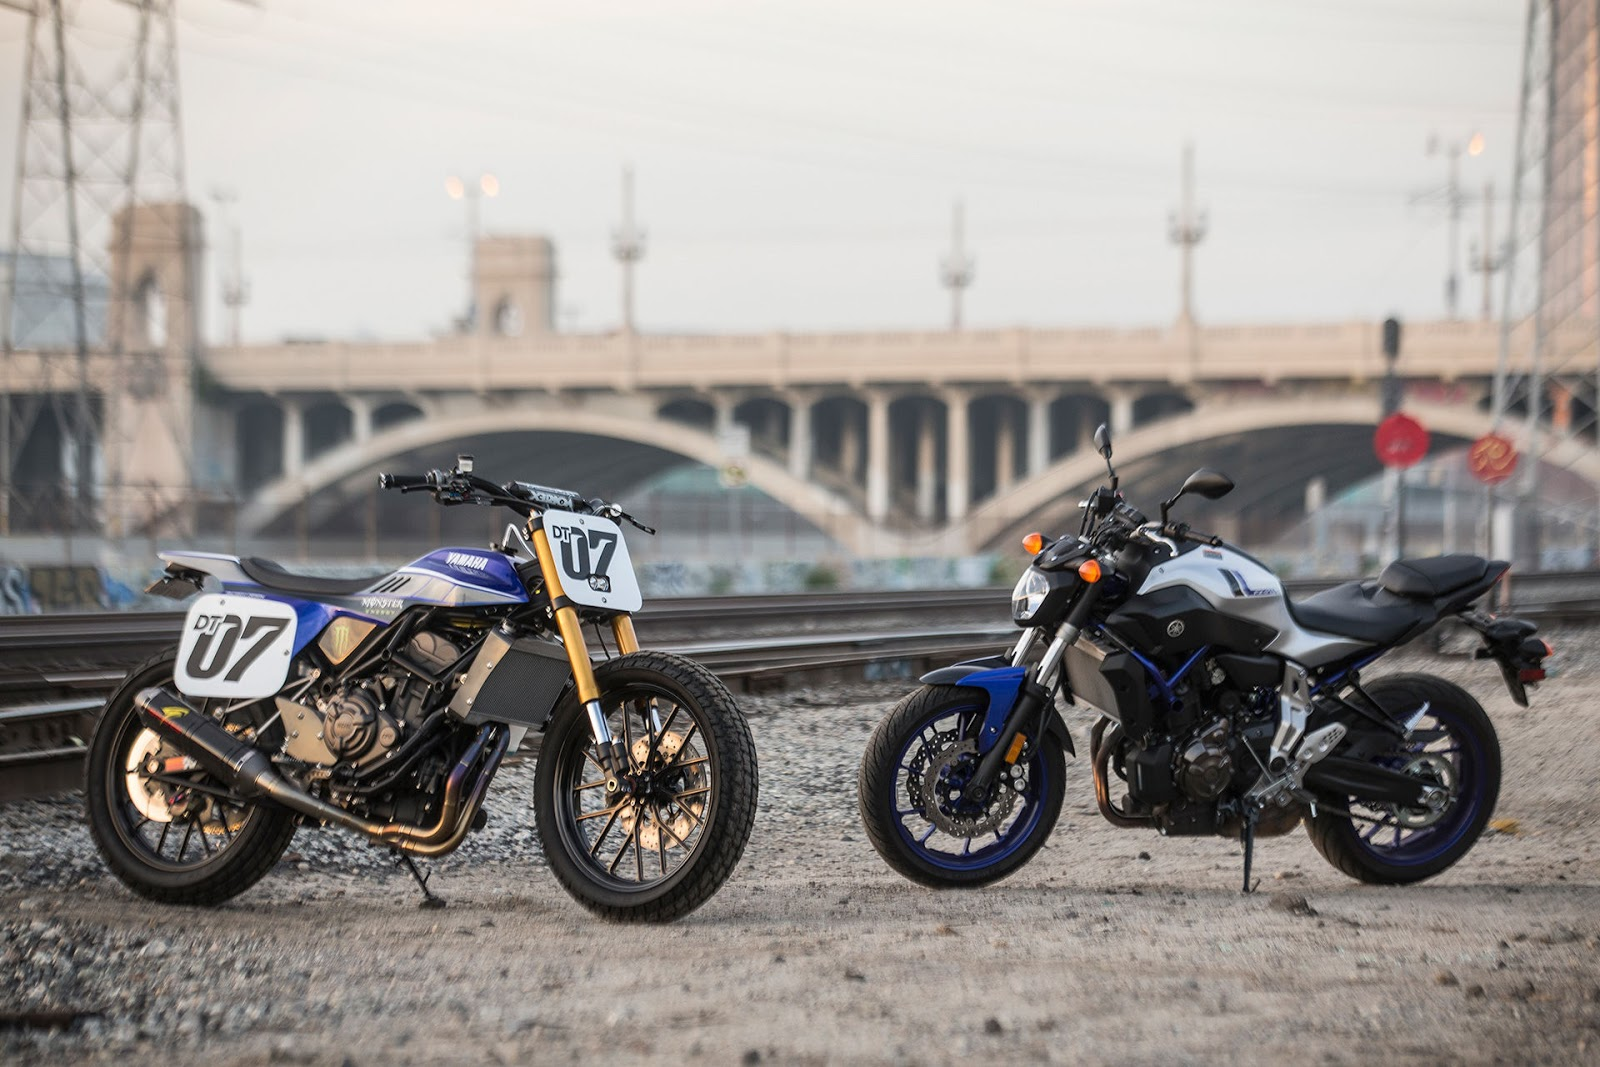 yamaha motorcycles cycle world - HD1600×1067